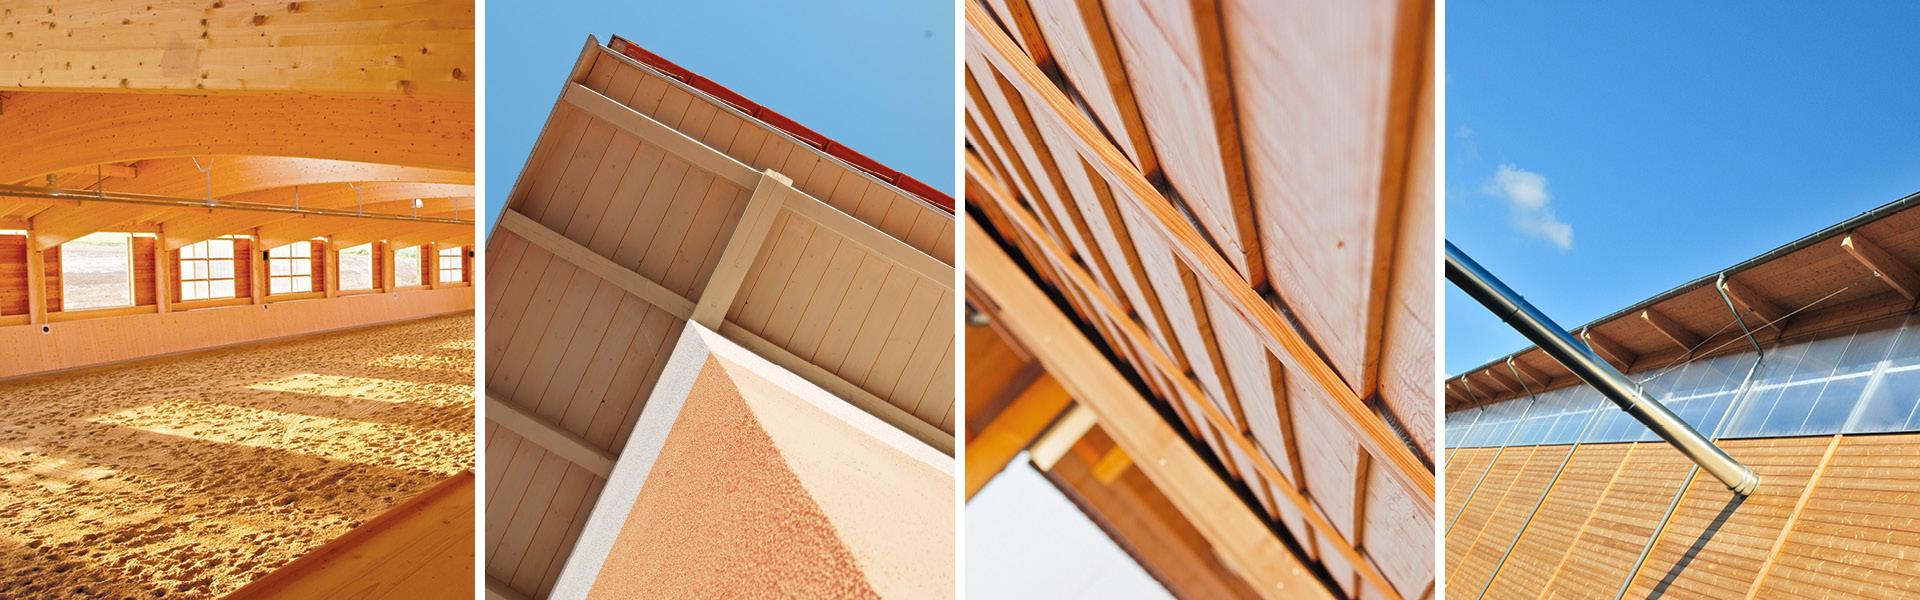 Foto-Collage von einer Pferdereithalle, einem Dach, einer Holzfassade und einer Werkhalle aus Holz